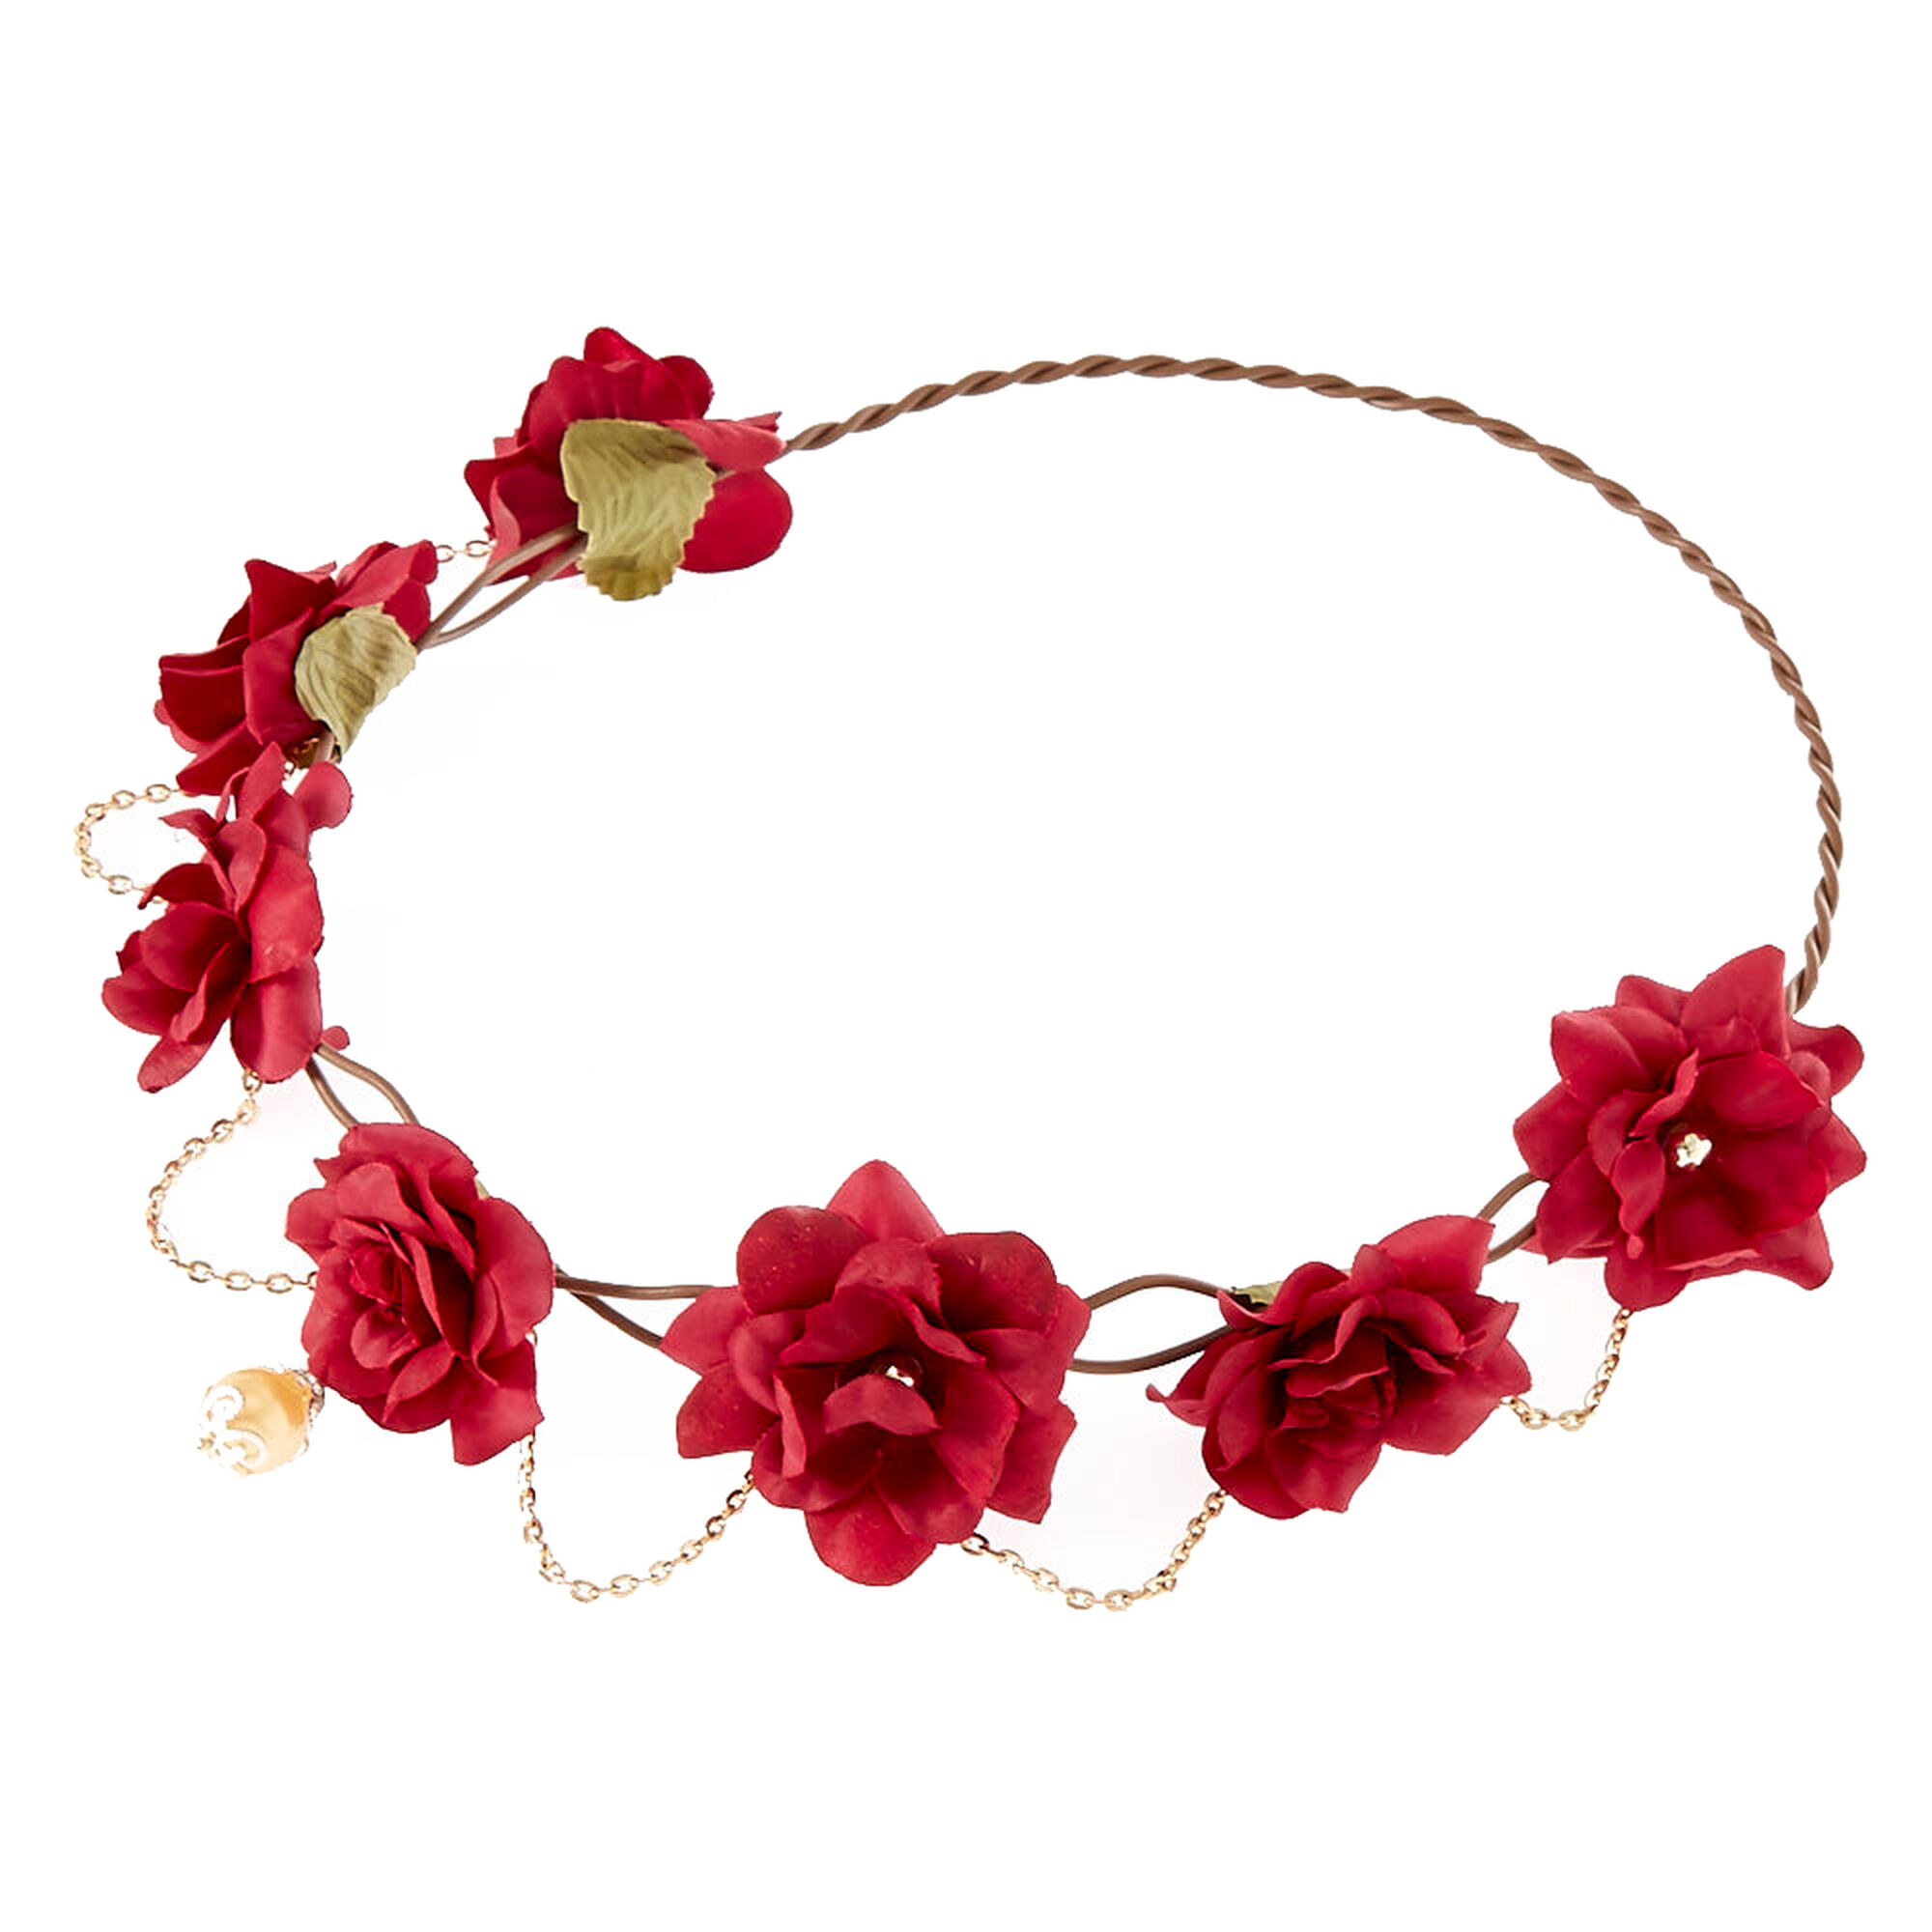 Gold chain burgundy flower crown headwrap icing us gold chain burgundy flower crown headwrap izmirmasajfo